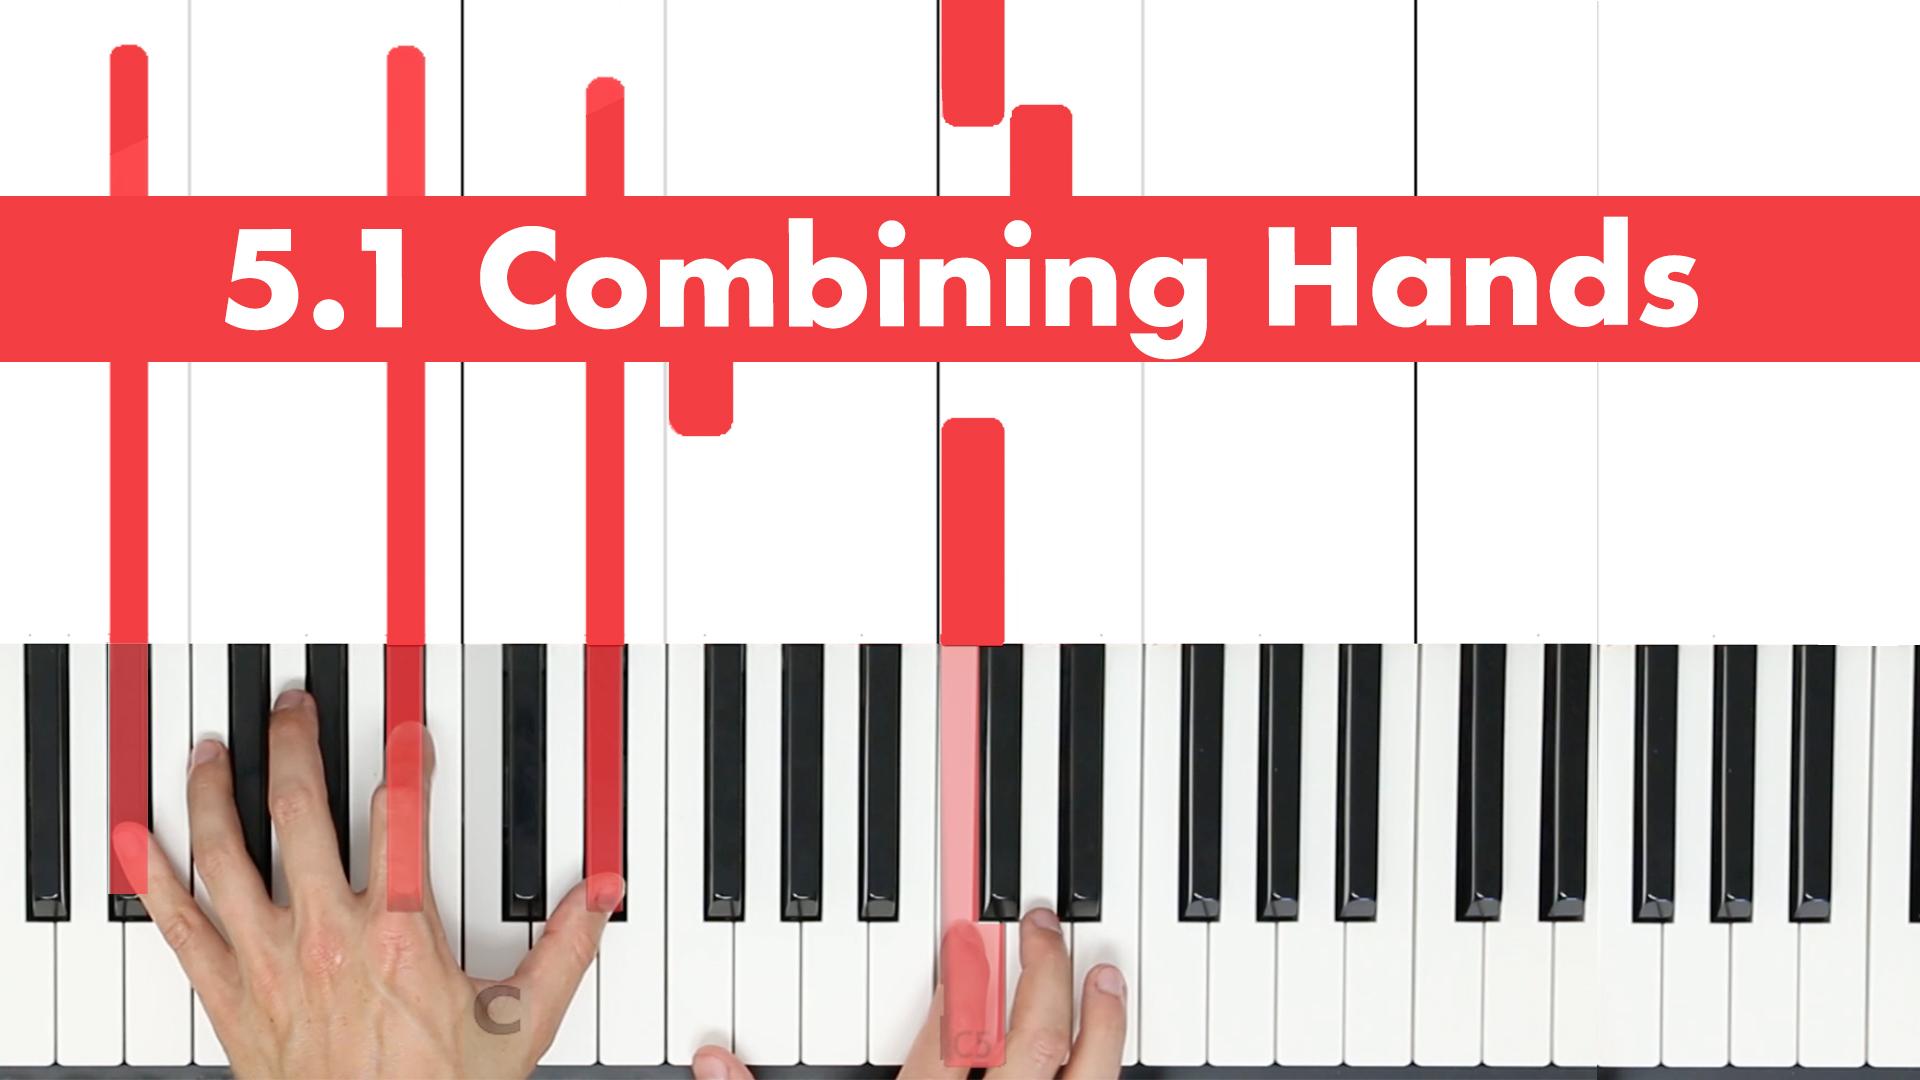 5.1 Combining Hands